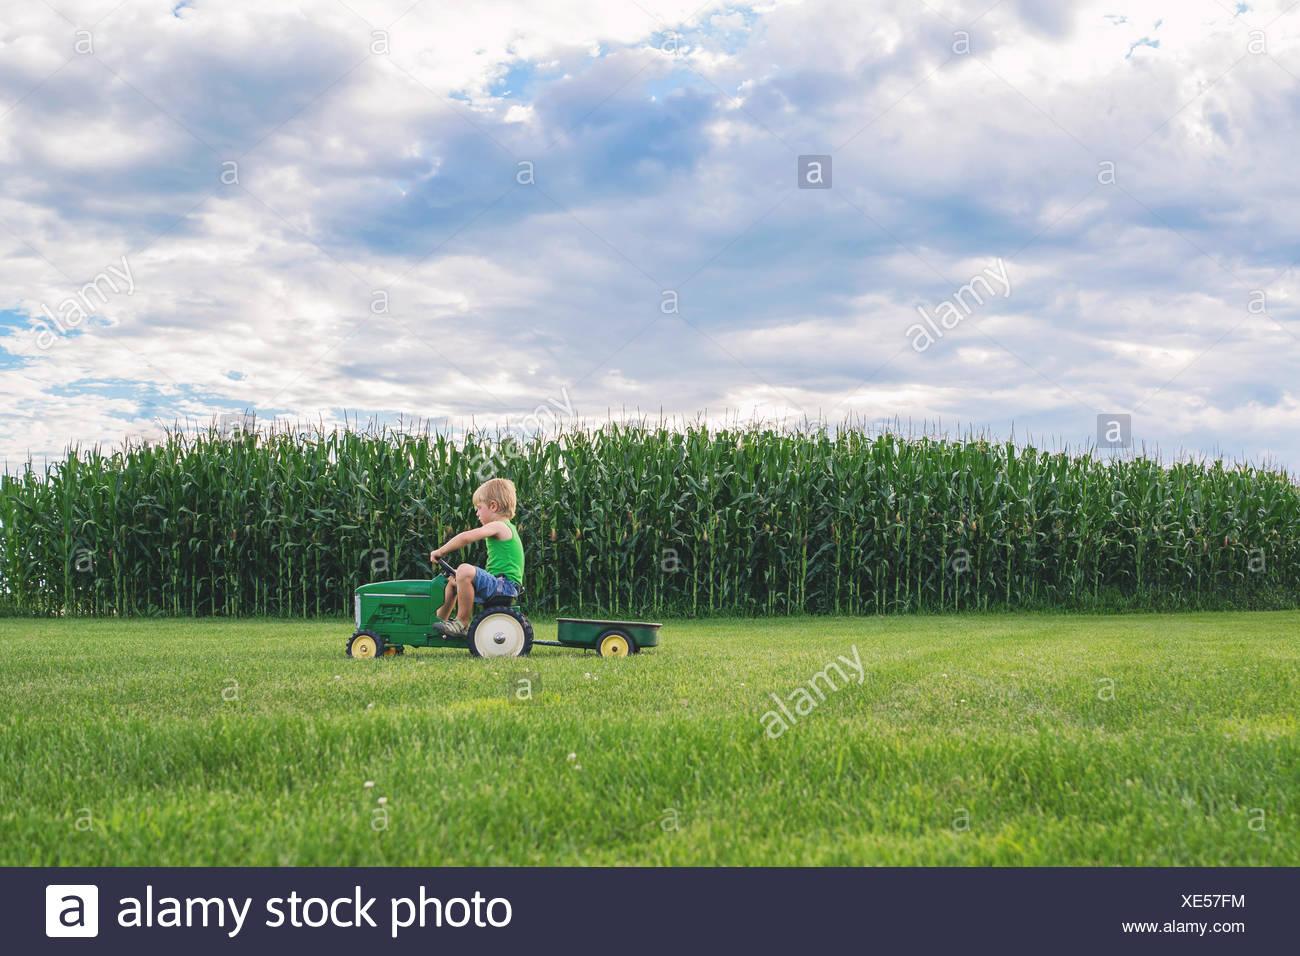 Chico pasando por campo de maíz en un tractor de juguete Imagen De Stock